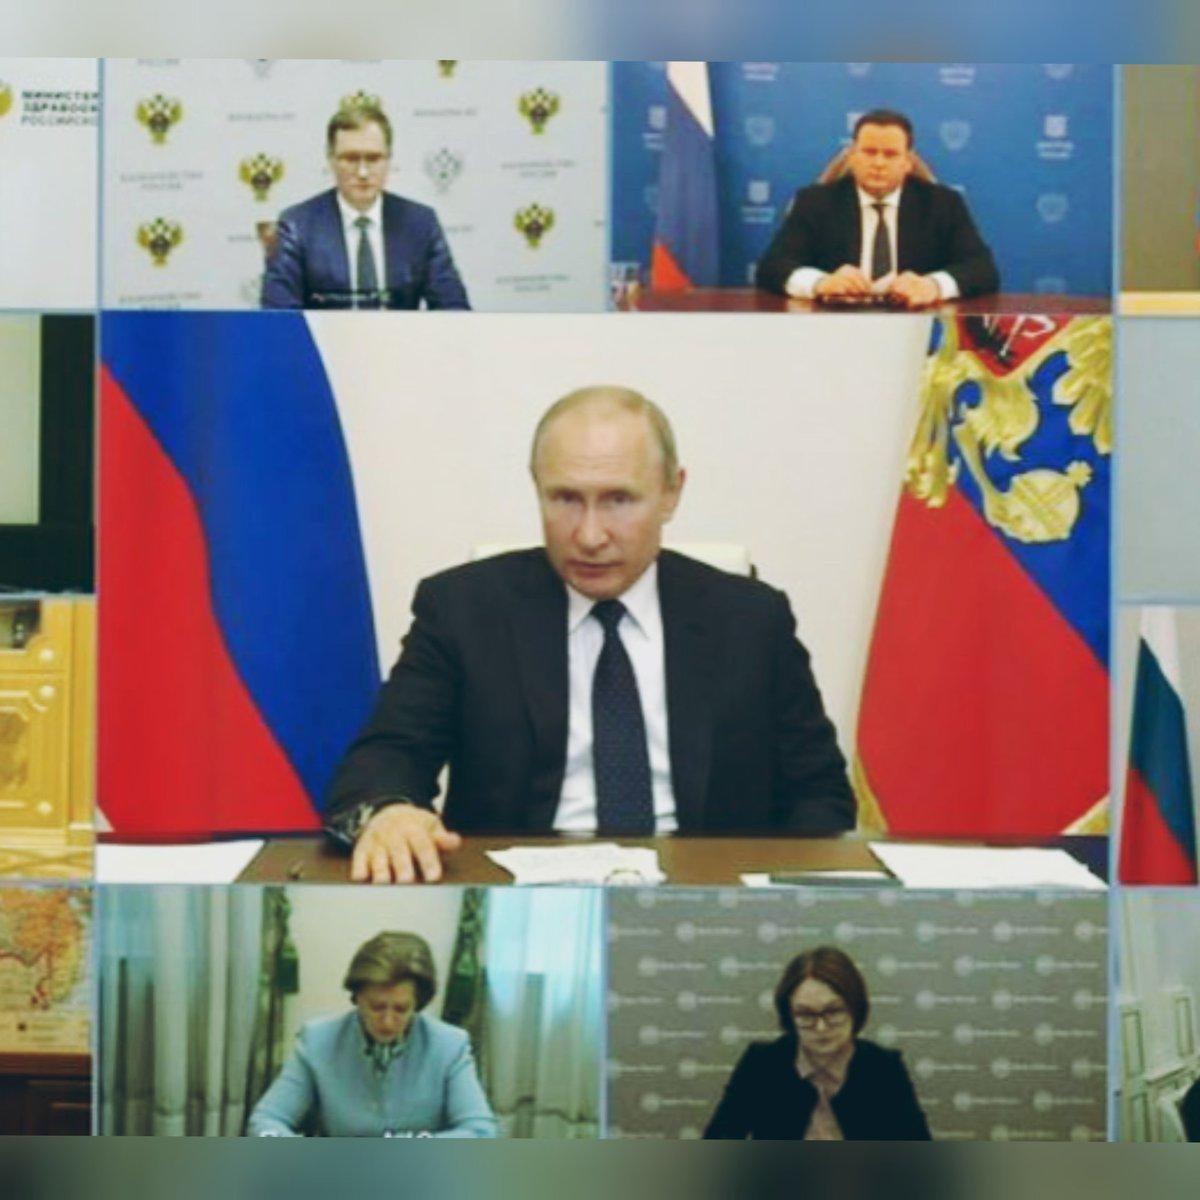 Владимир #Путин раскритиковал правительство за проблемы с выплатами медикам!!! Читать: https://vk.cc/aujHhzpic.twitter.com/tYtxJtcVKo